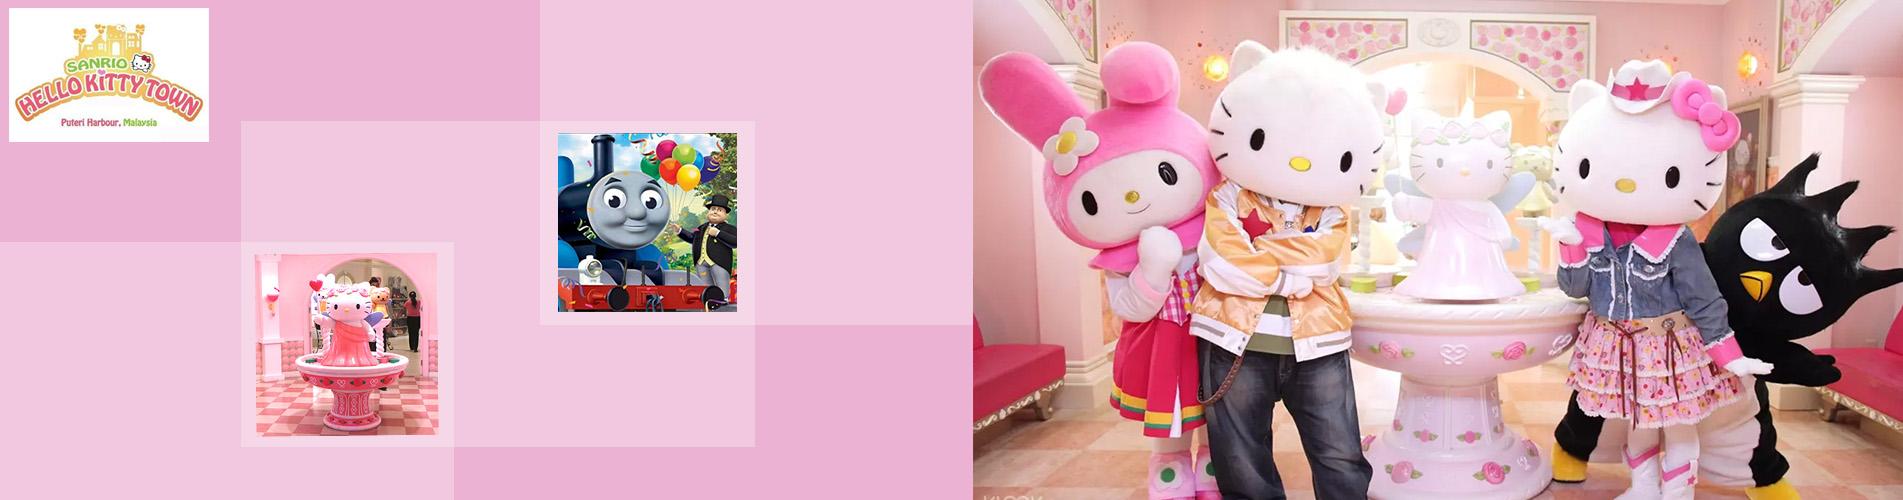 馬來西亞Hello Kitty小鎮 Hello Kitty Town Malaysia